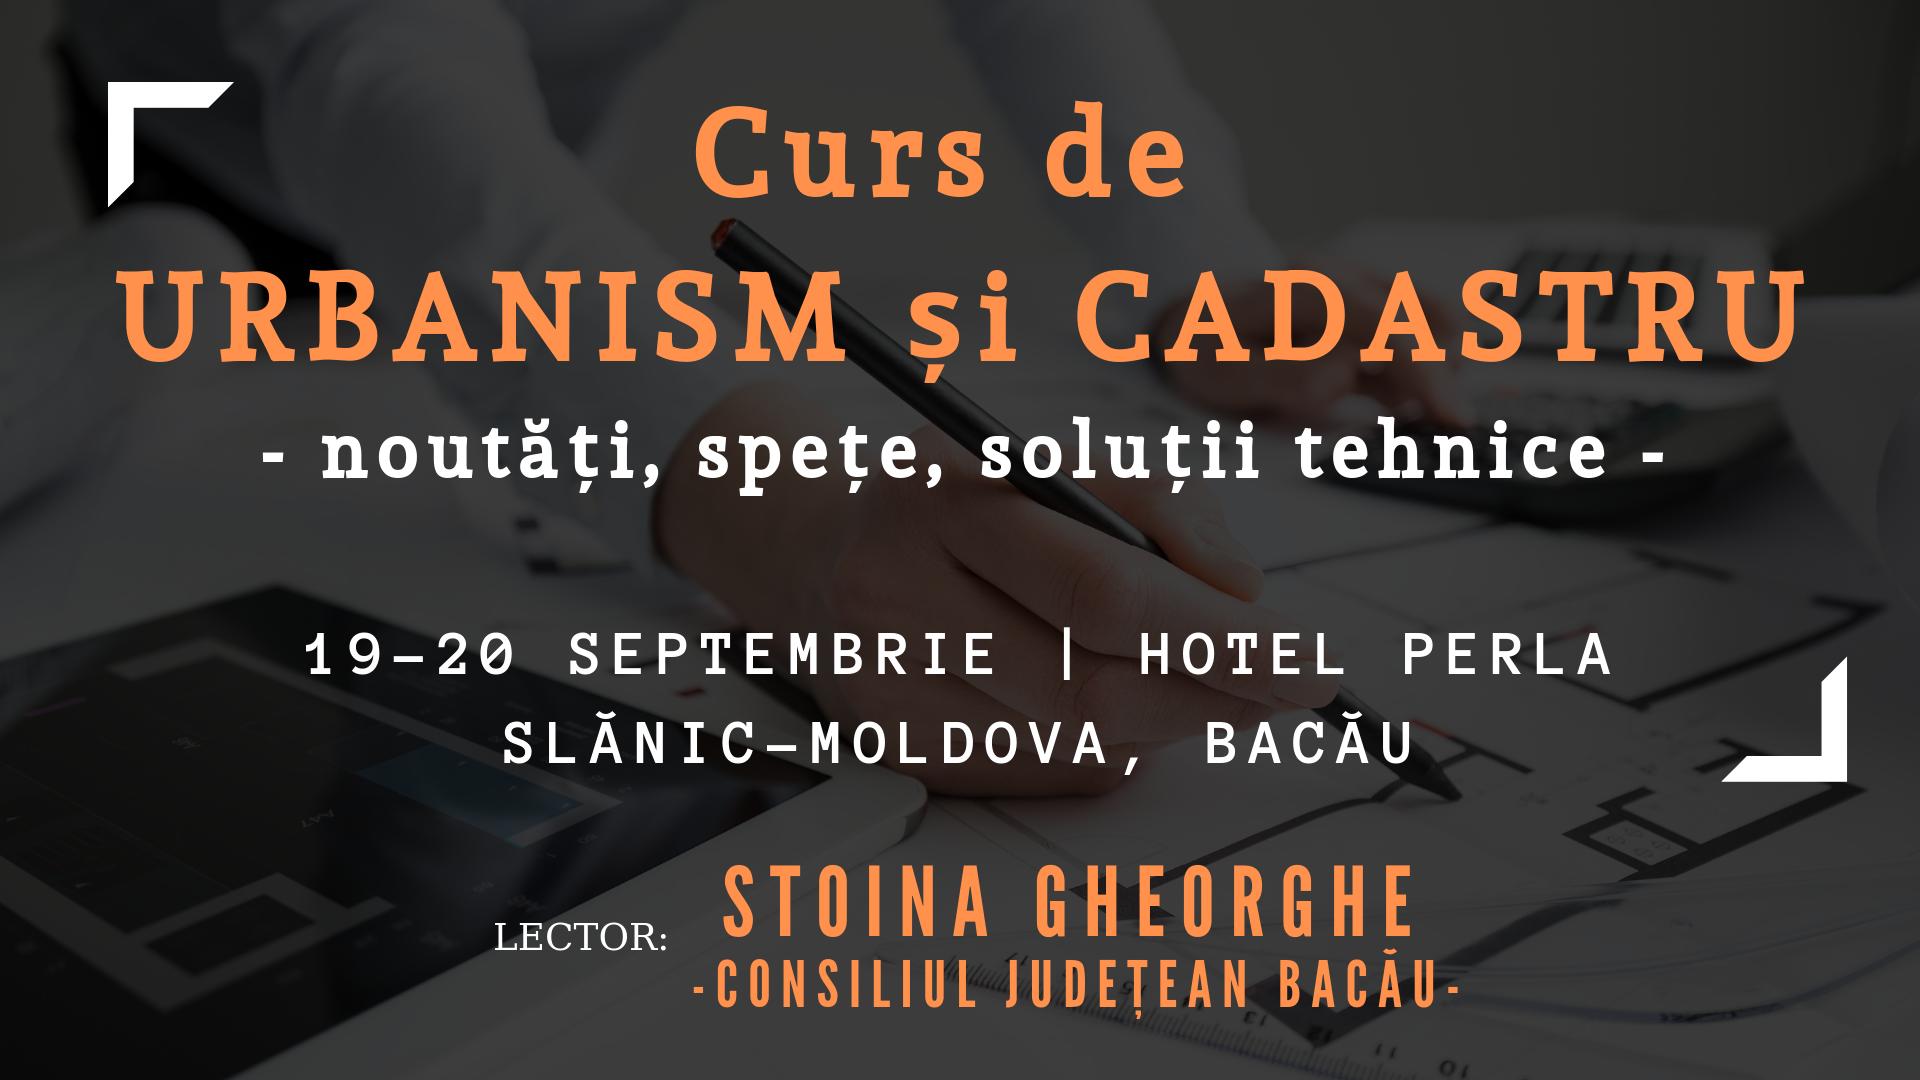 Curs Urbanism si cadastru pentru UAT, 19- 20 septembrie 2019